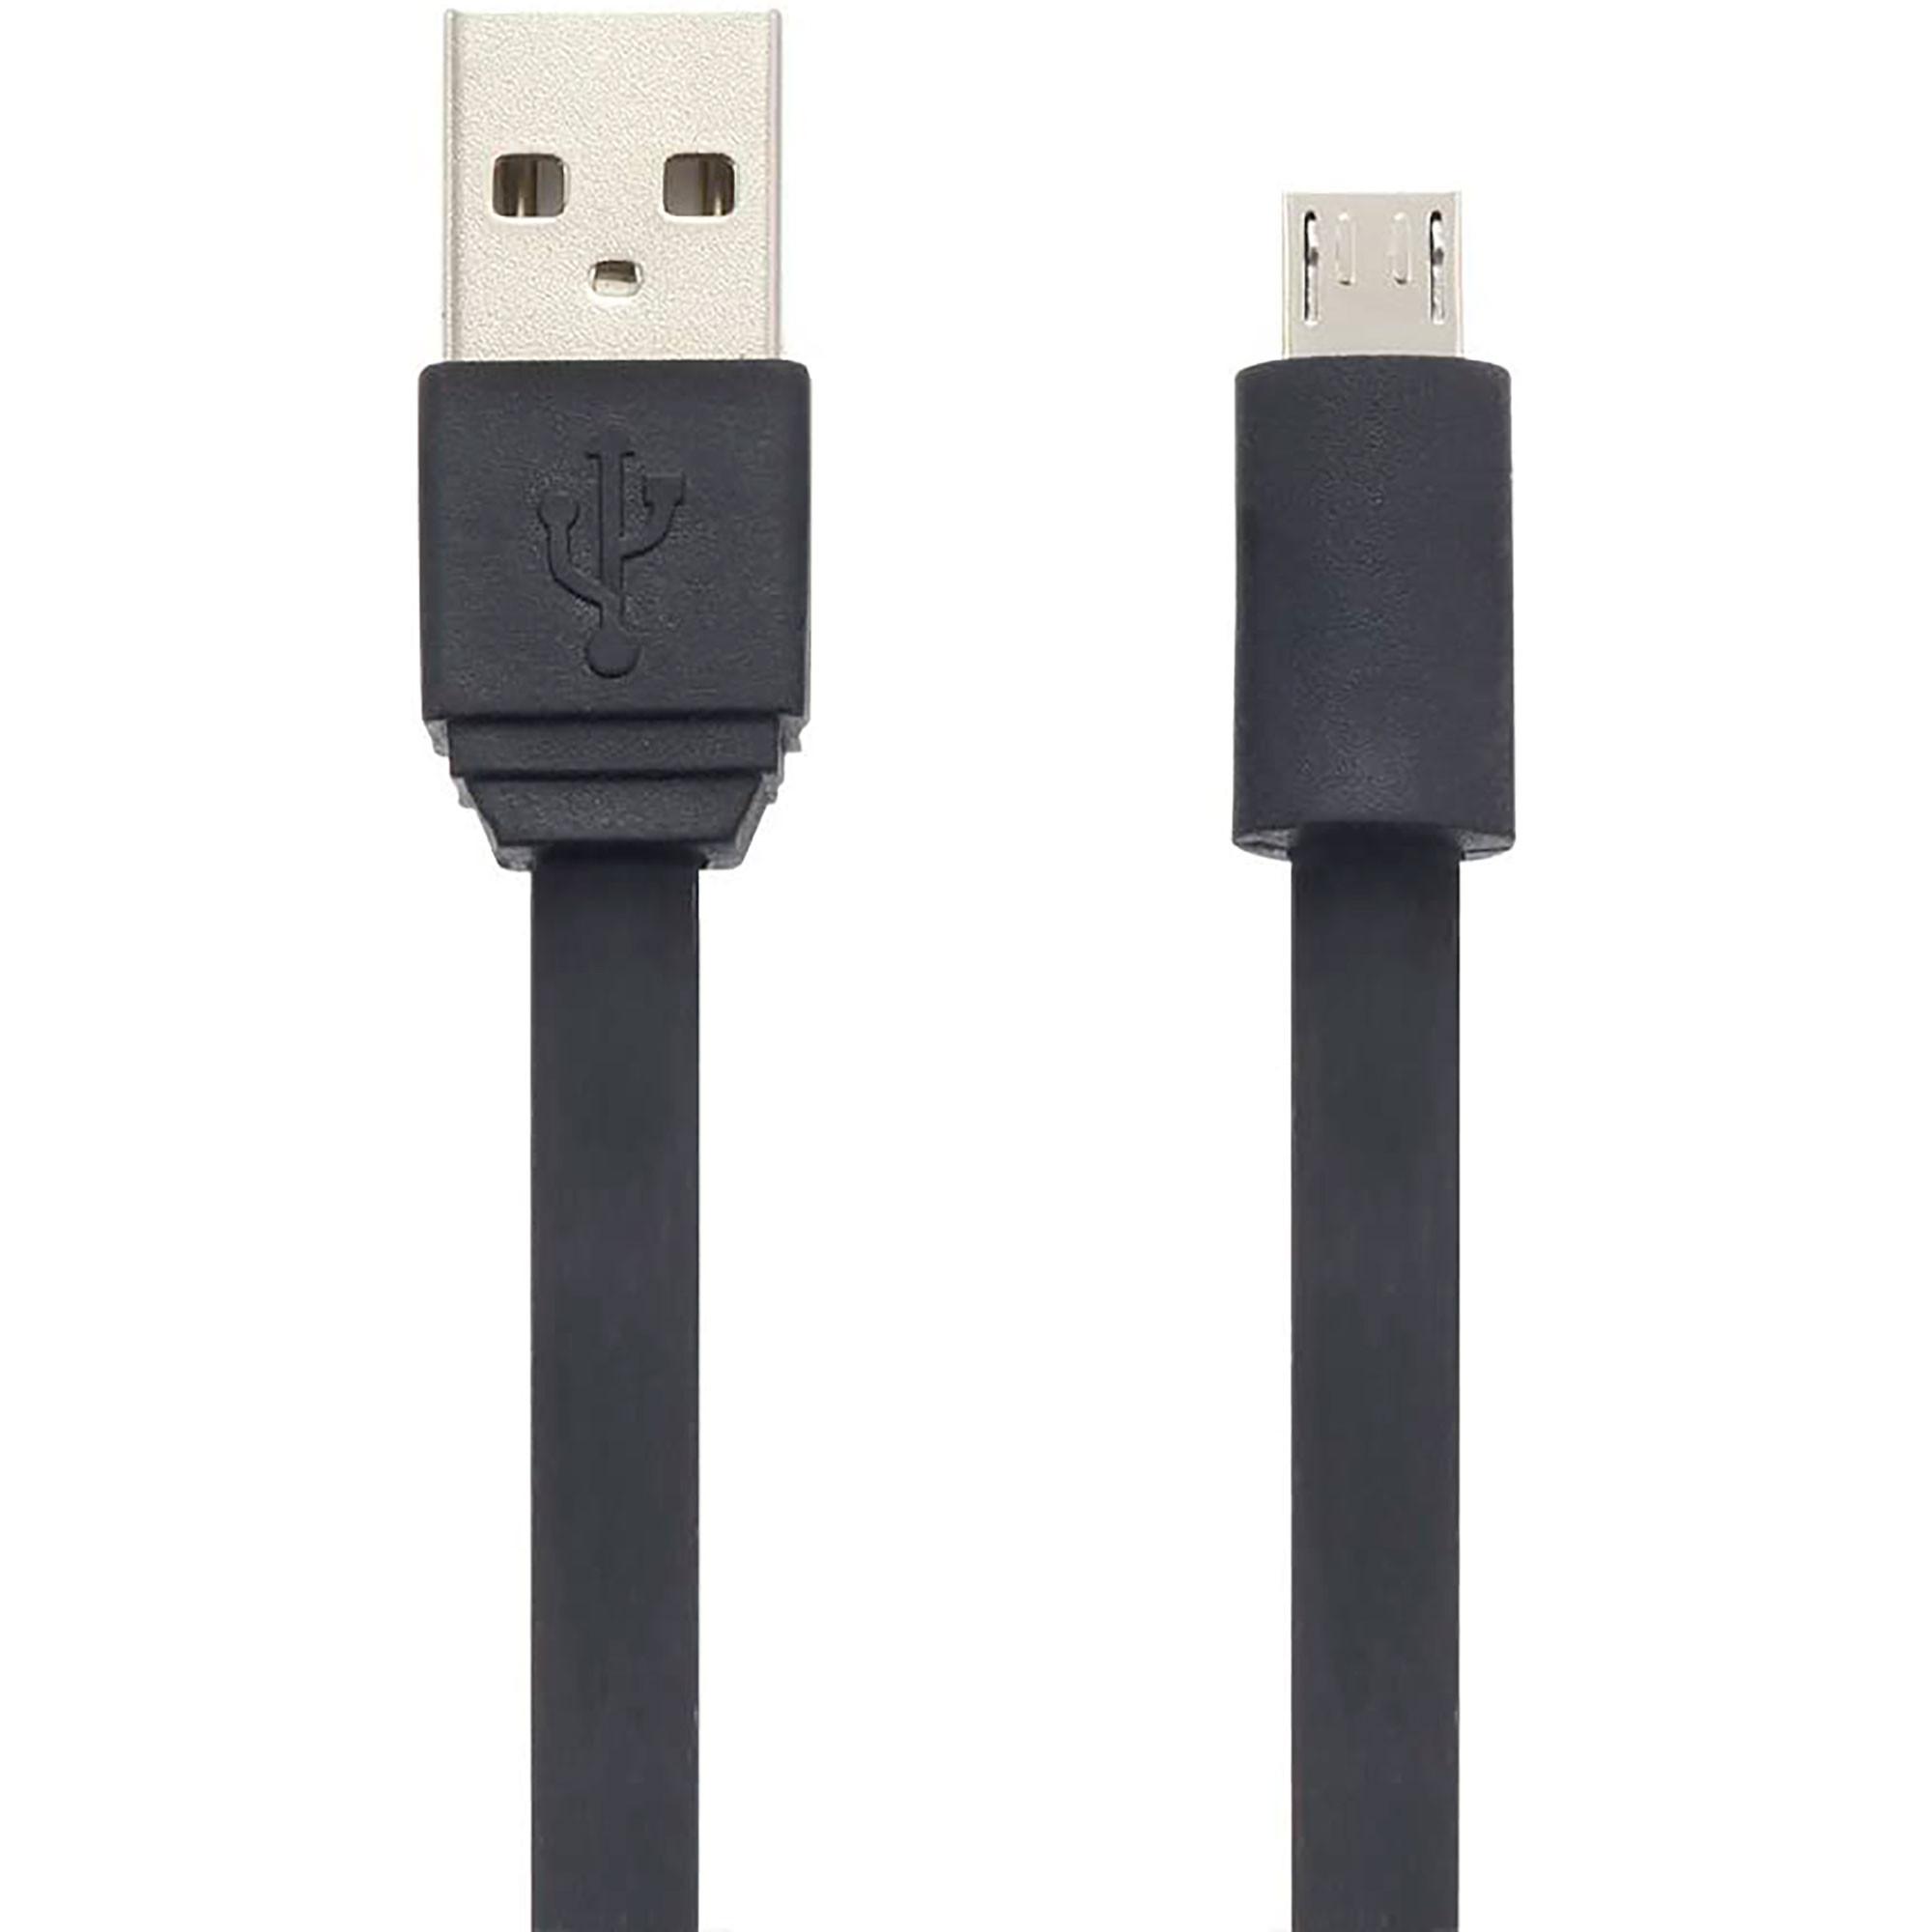 Blaupunkt BLP205.133 Cable Cargador Micro USB a Macho USB, Carga Rápida, 1,2m, Cable Alimentación Android, Negro